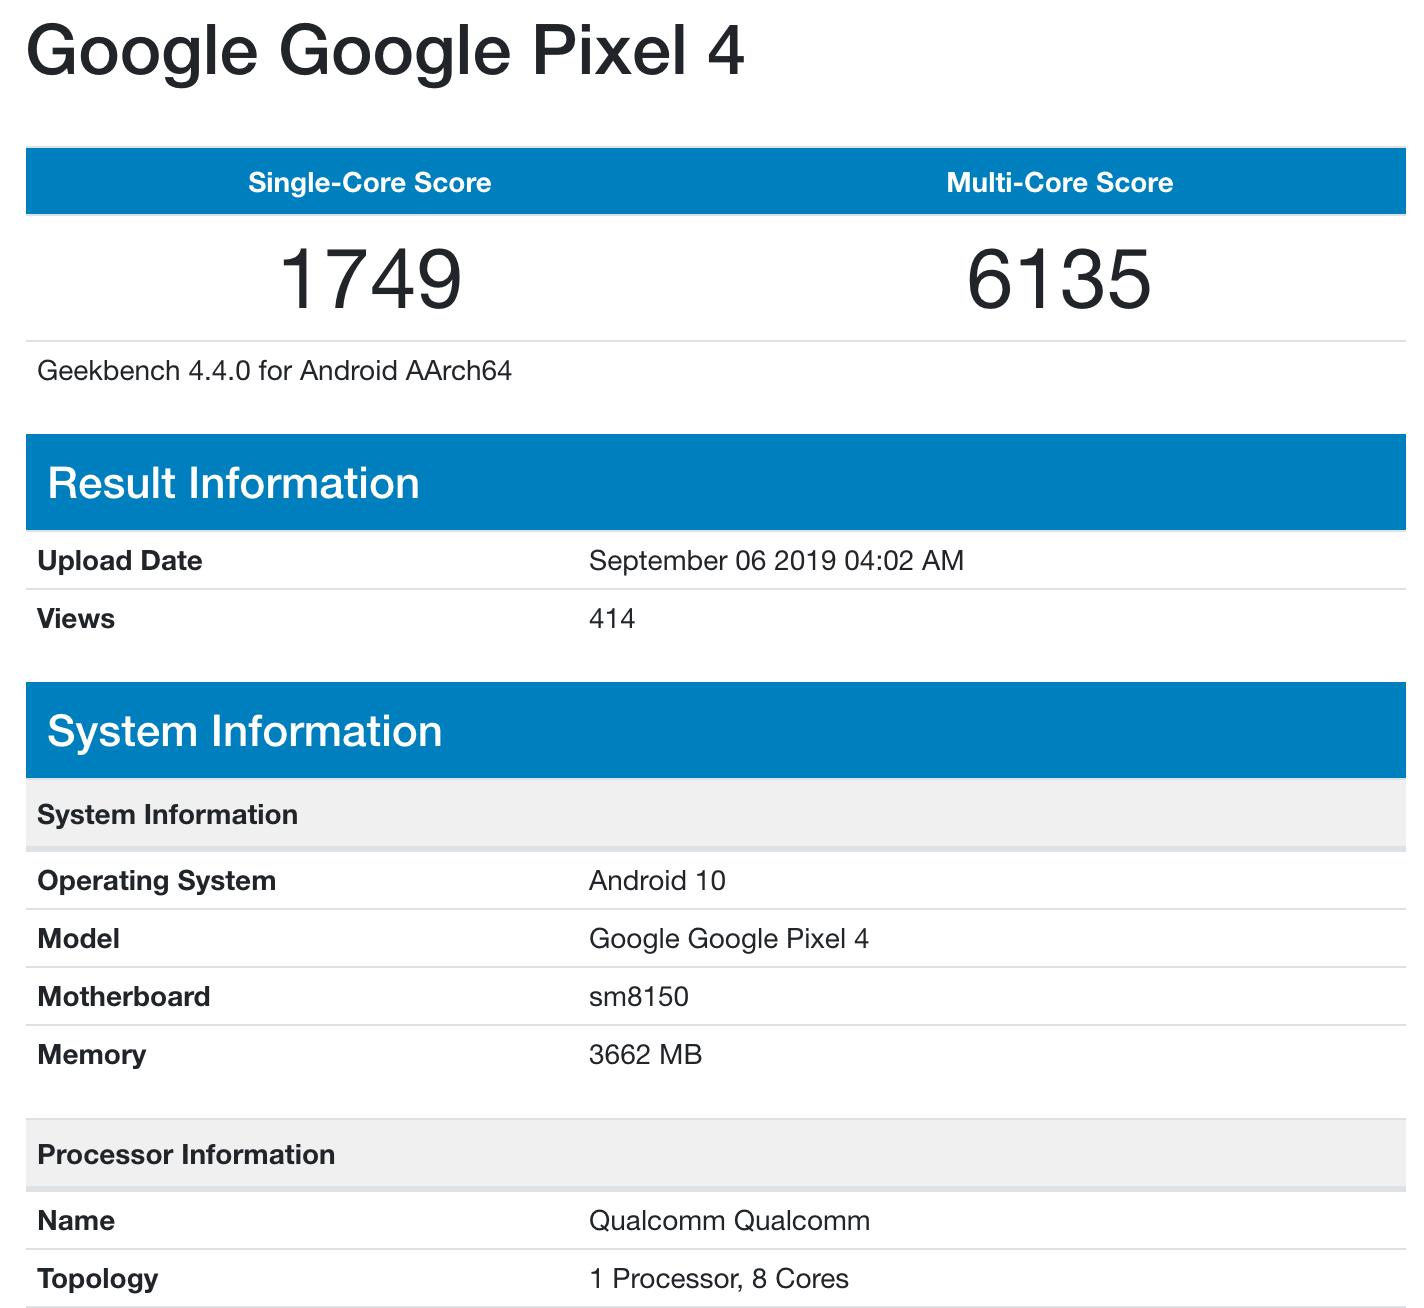 GooglePixel4 Bench 01